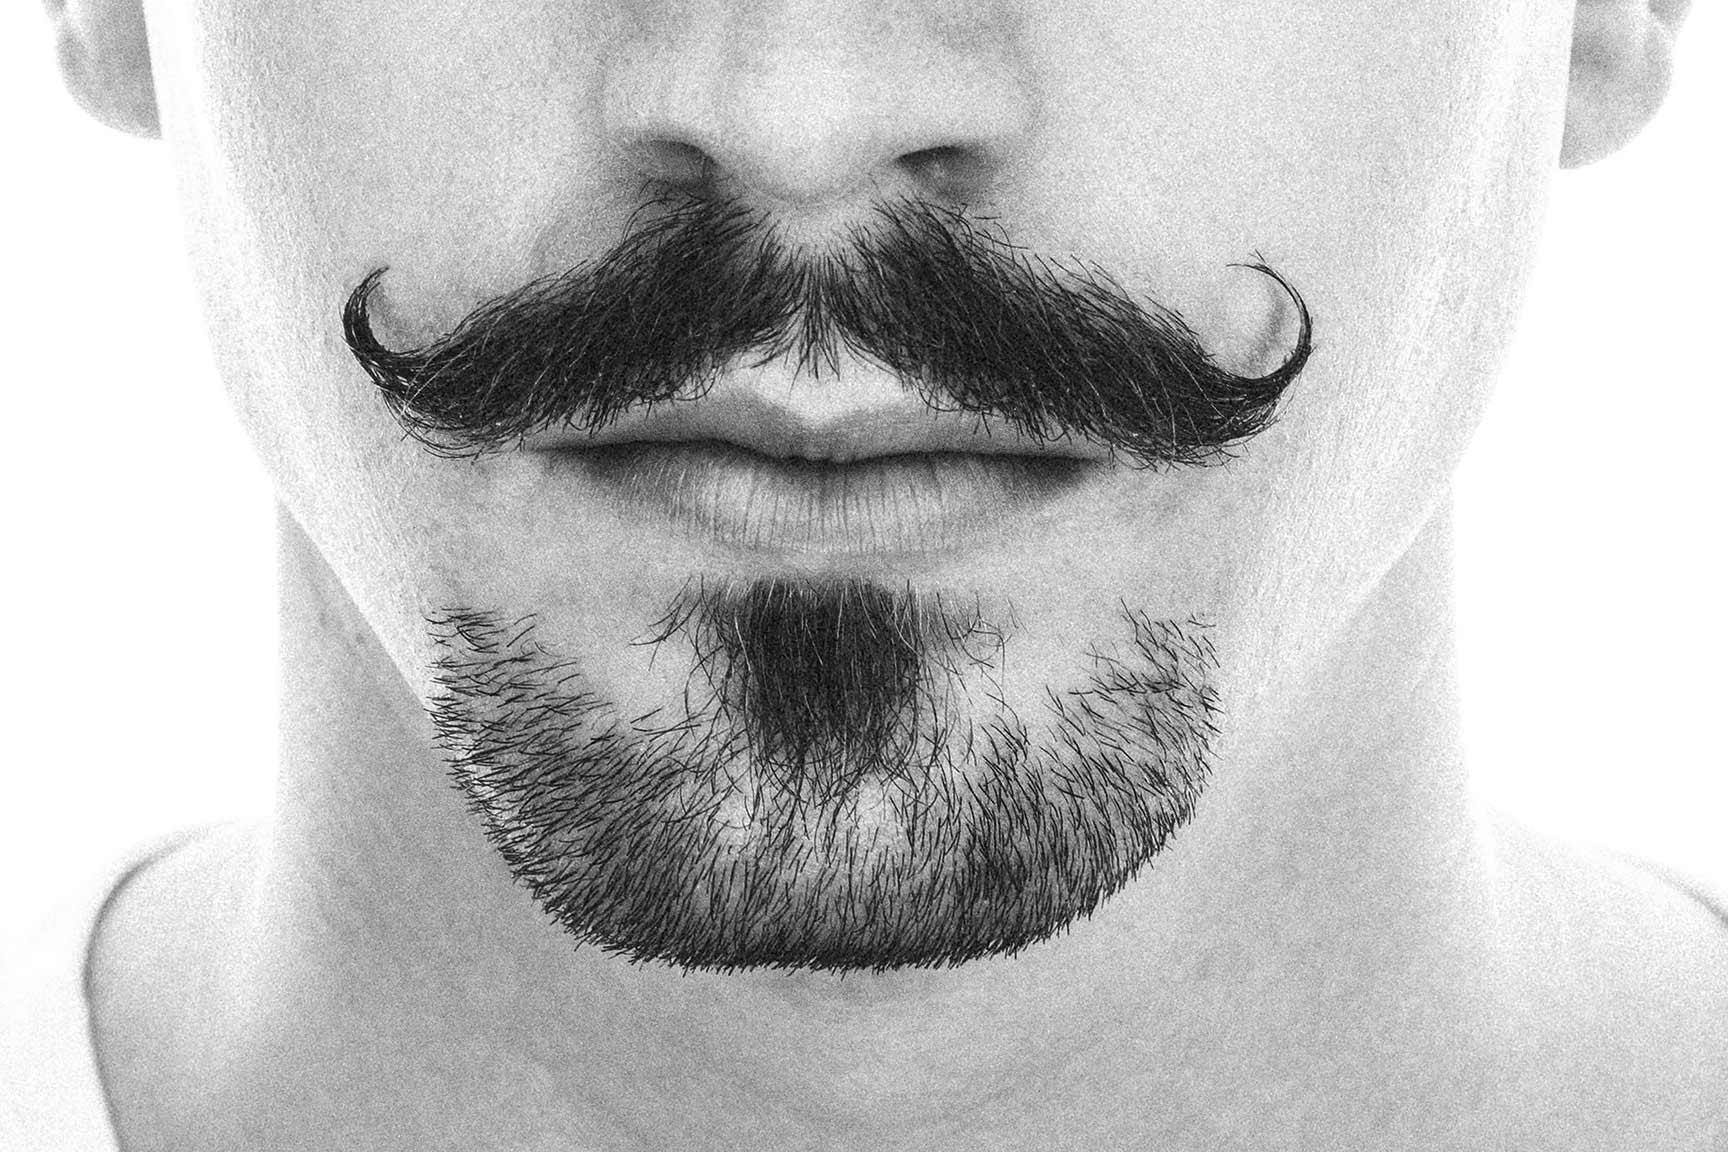 Oberlippenbart gezwirbelt für den Movember.